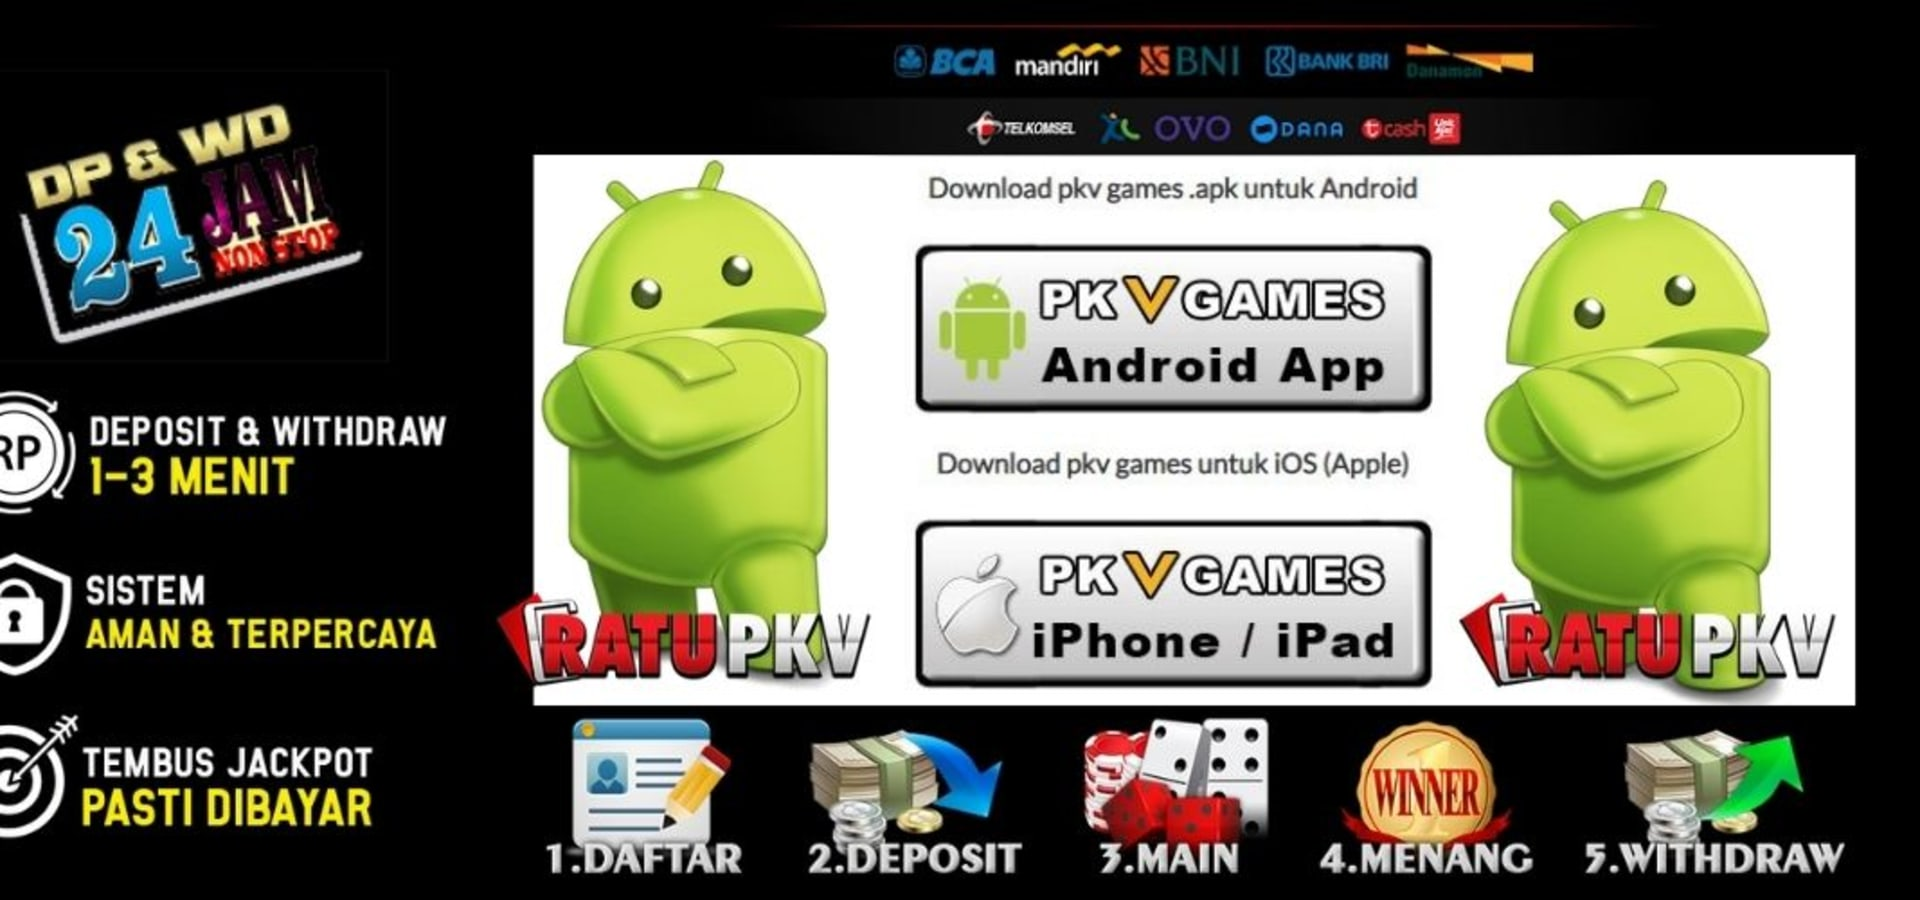 Ratupkv Daftar Situs Judi Pkv Games Qq Deposit Pulsa 10 Ribu Online 24 Jam Homify